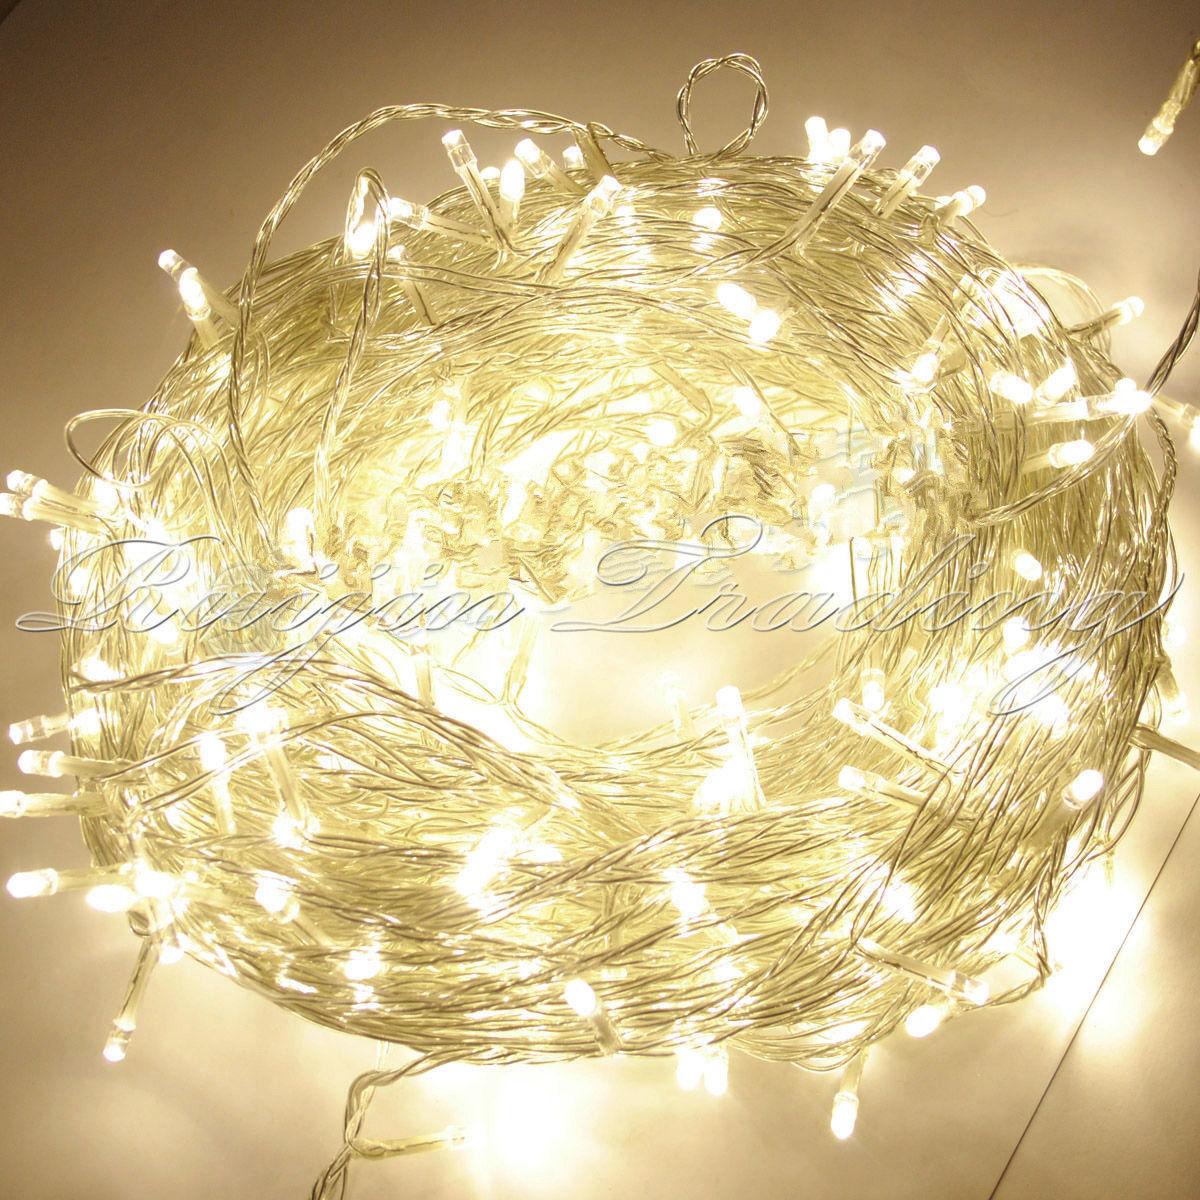 10m 20m 30m LED Lichterkette Weihnachtsbaum Weihnachten Warmweiß Beleuchtung